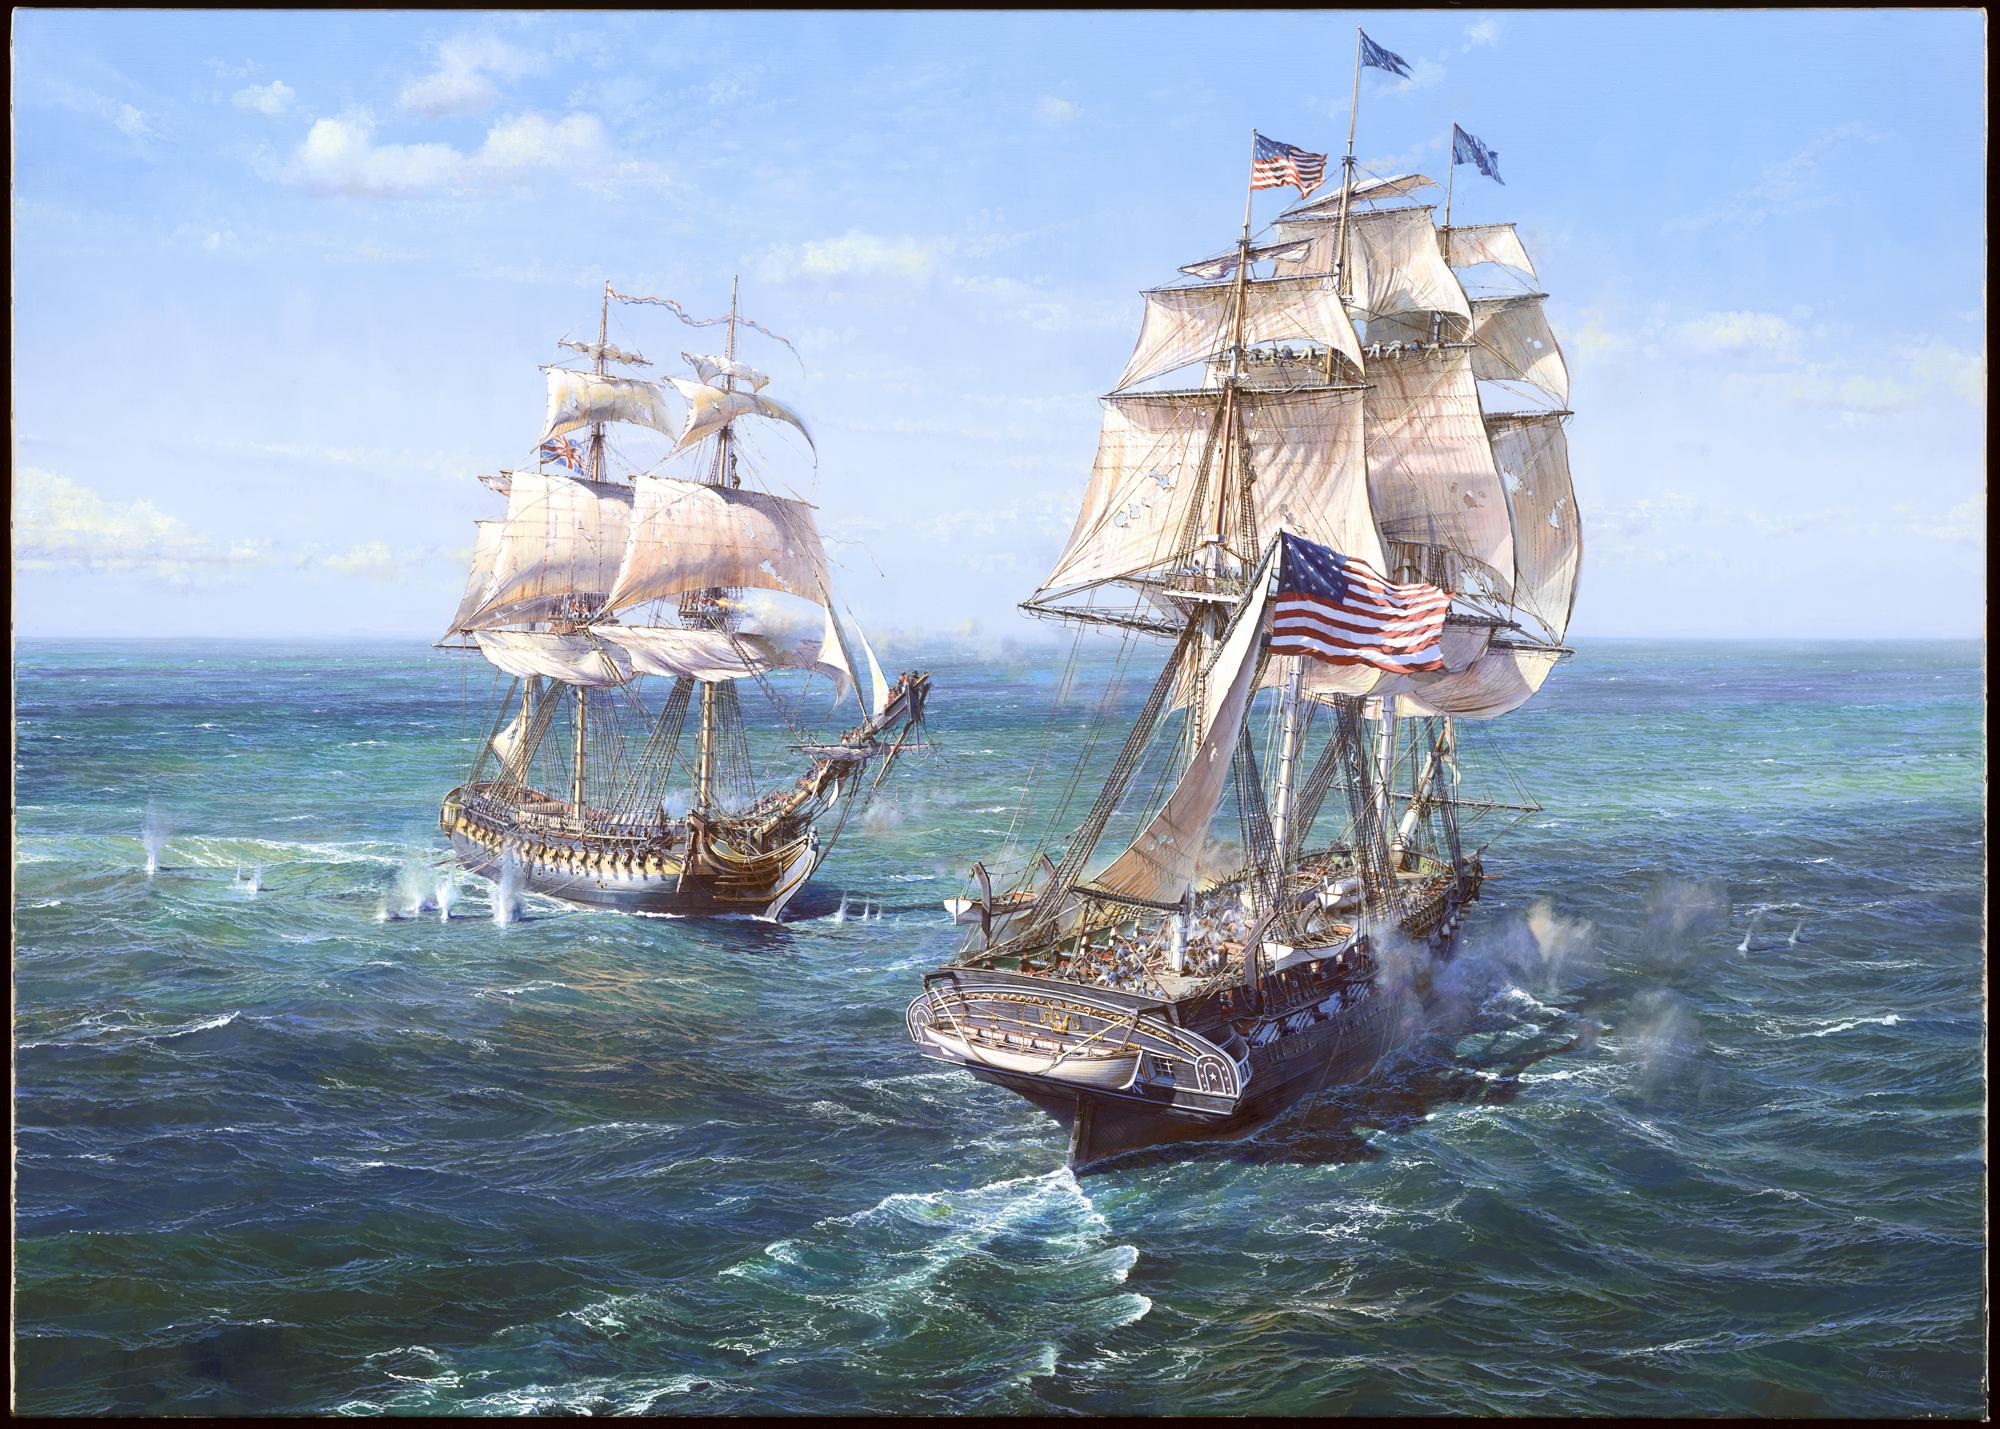 USS Constitution Vs HMS Java